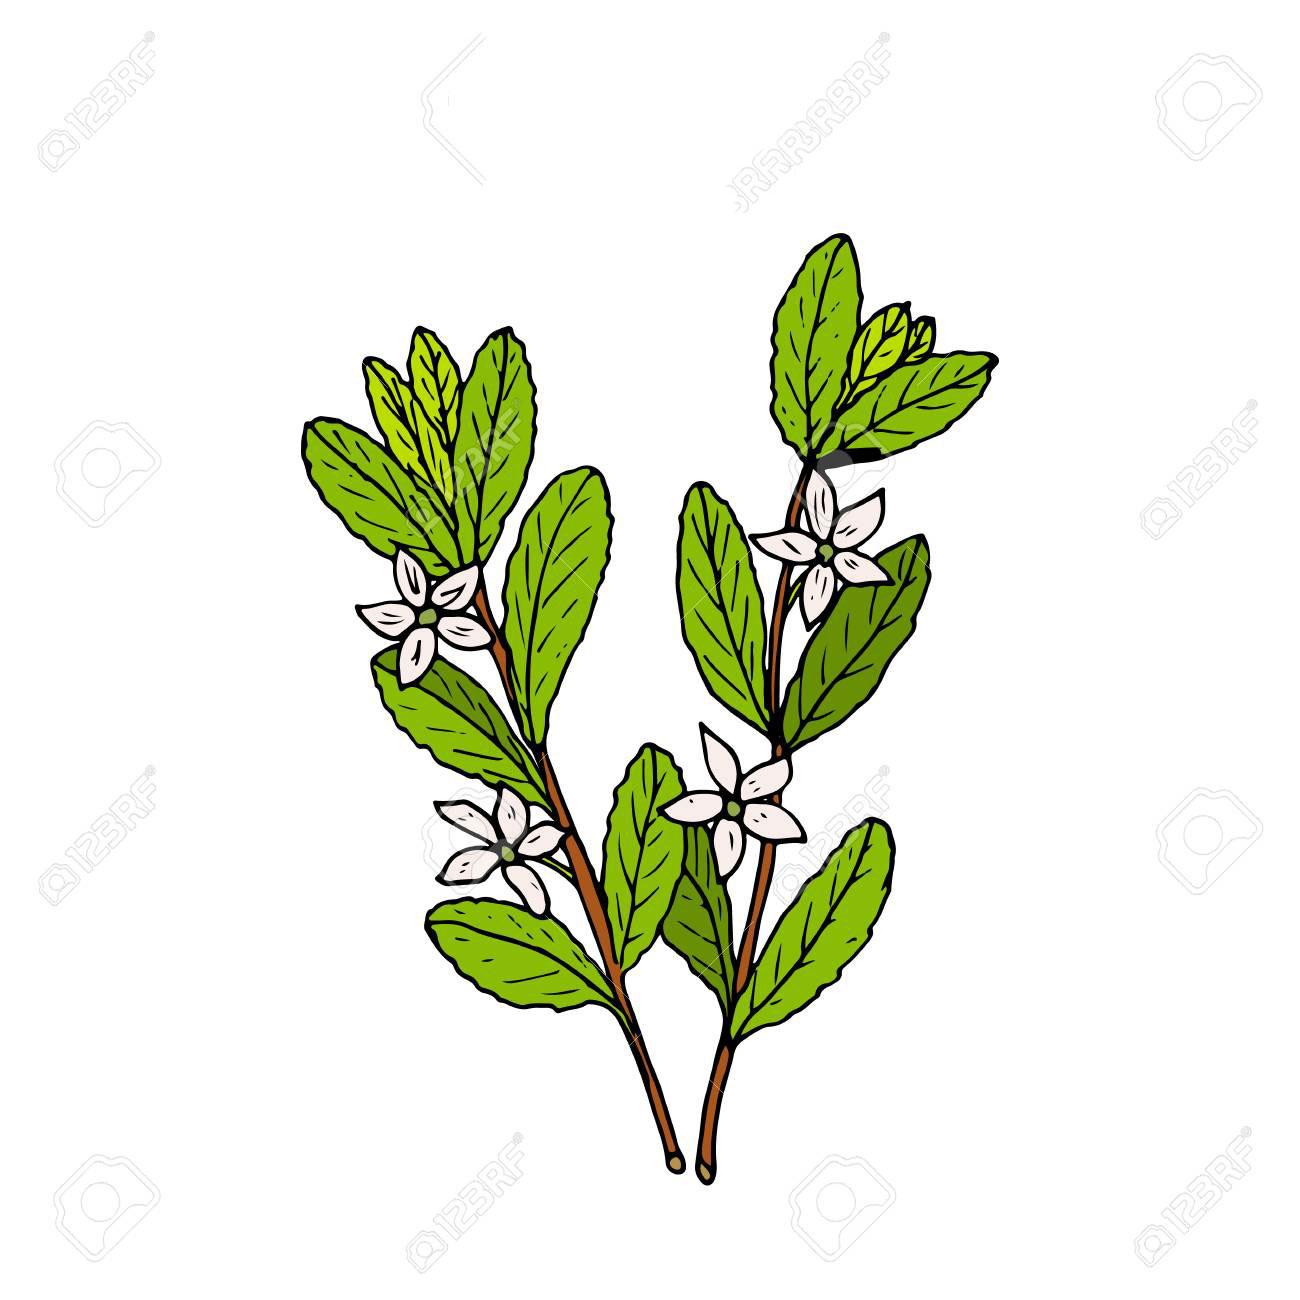 Sketch-of-Buchu-plant